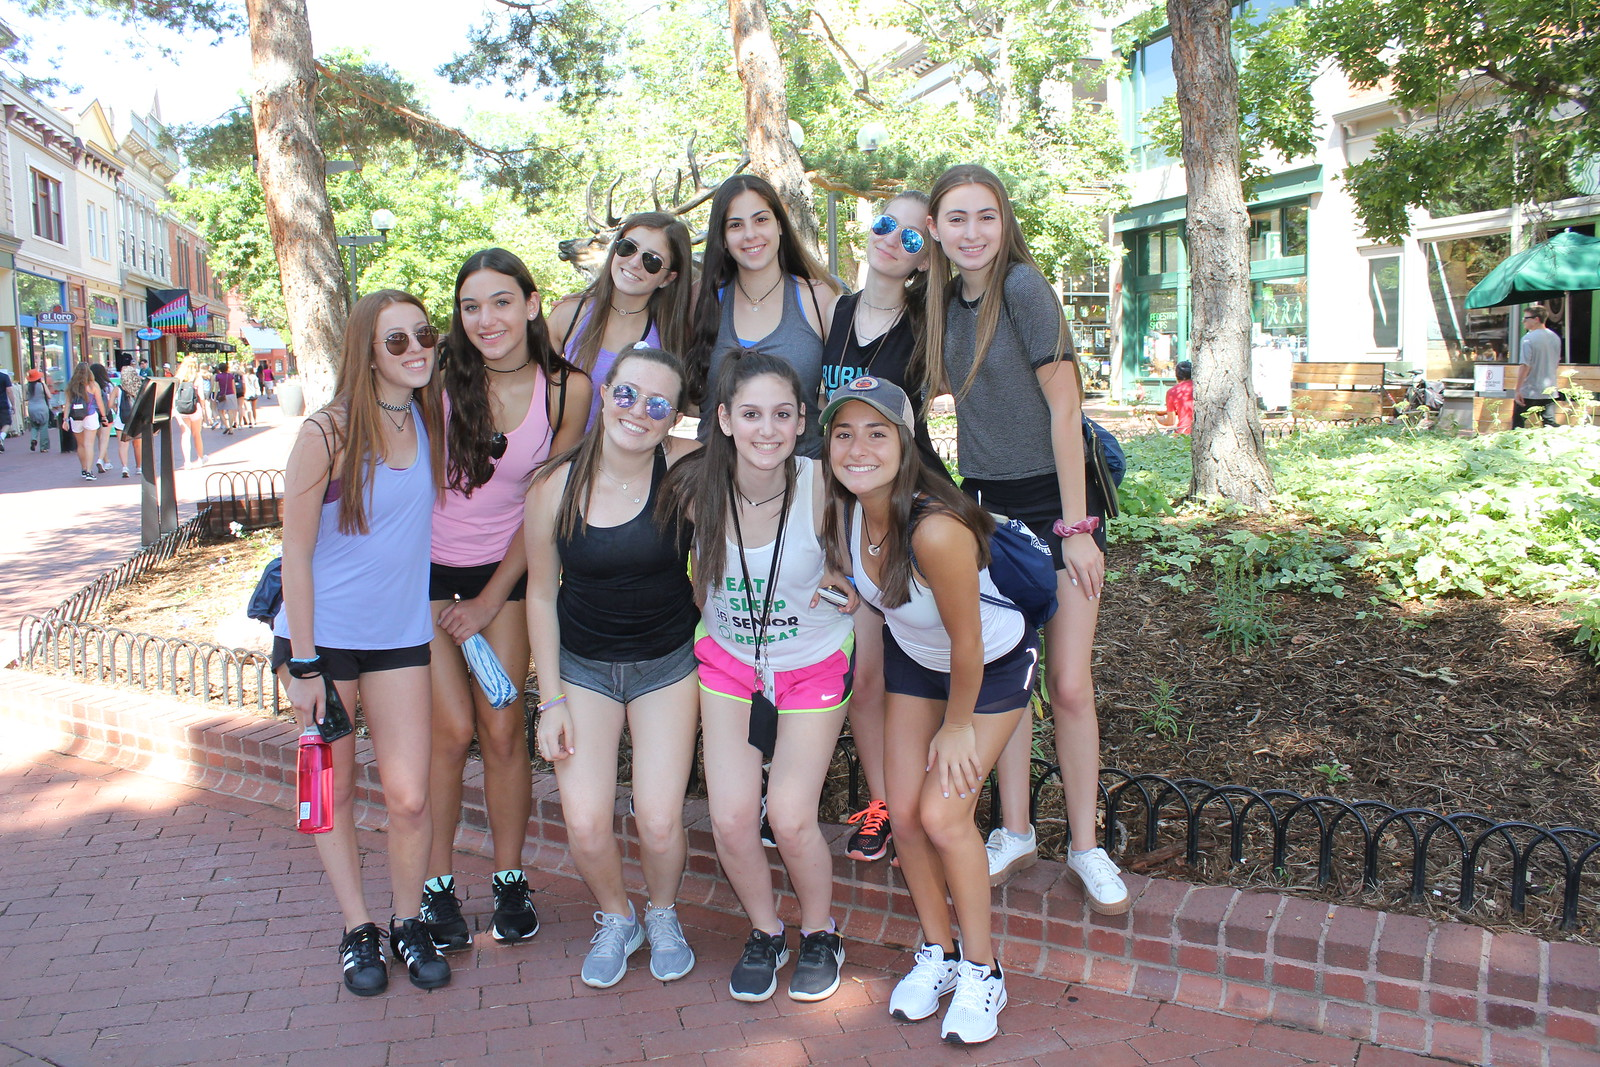 trip 5 blog 1 photo 2 california